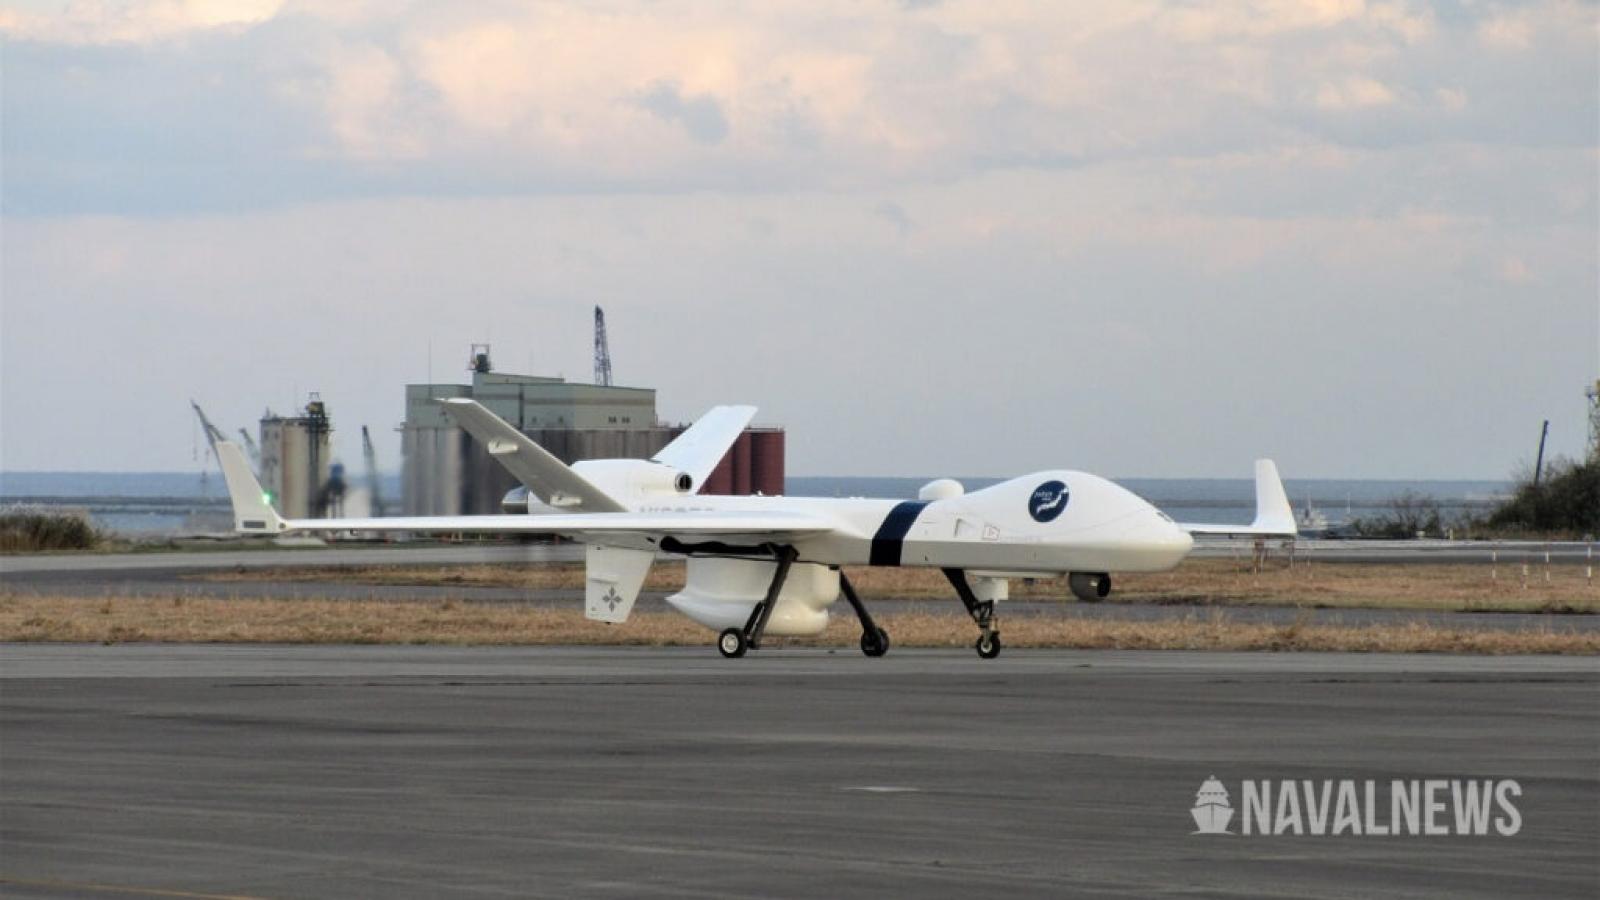 Nhật Bản đặt mục tiêu phát triển máy bay không người lái vào trước 2035